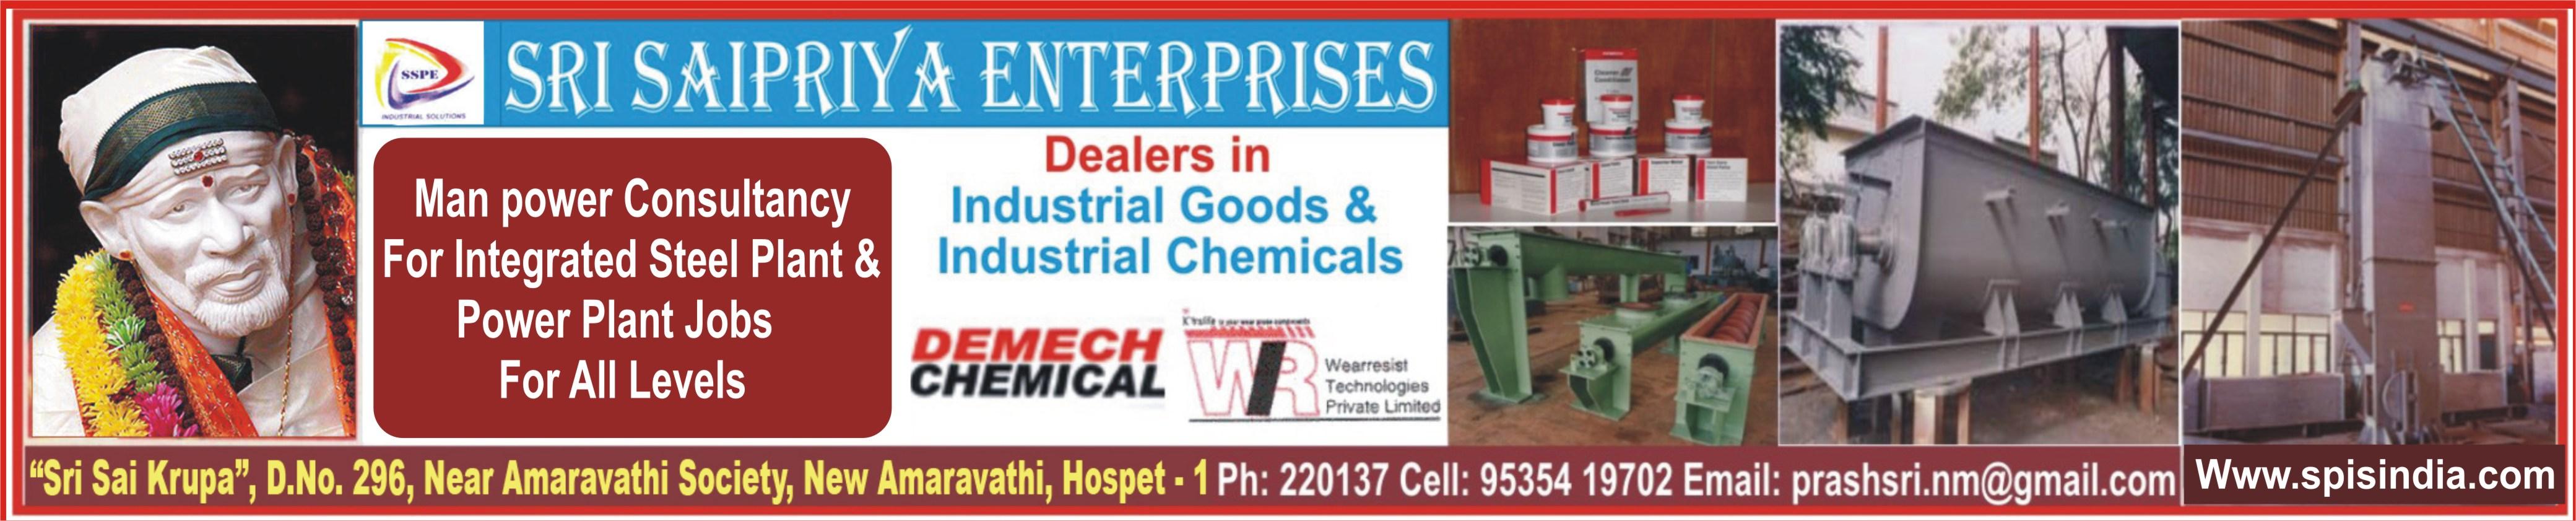 Sri Saipriya Enterprises